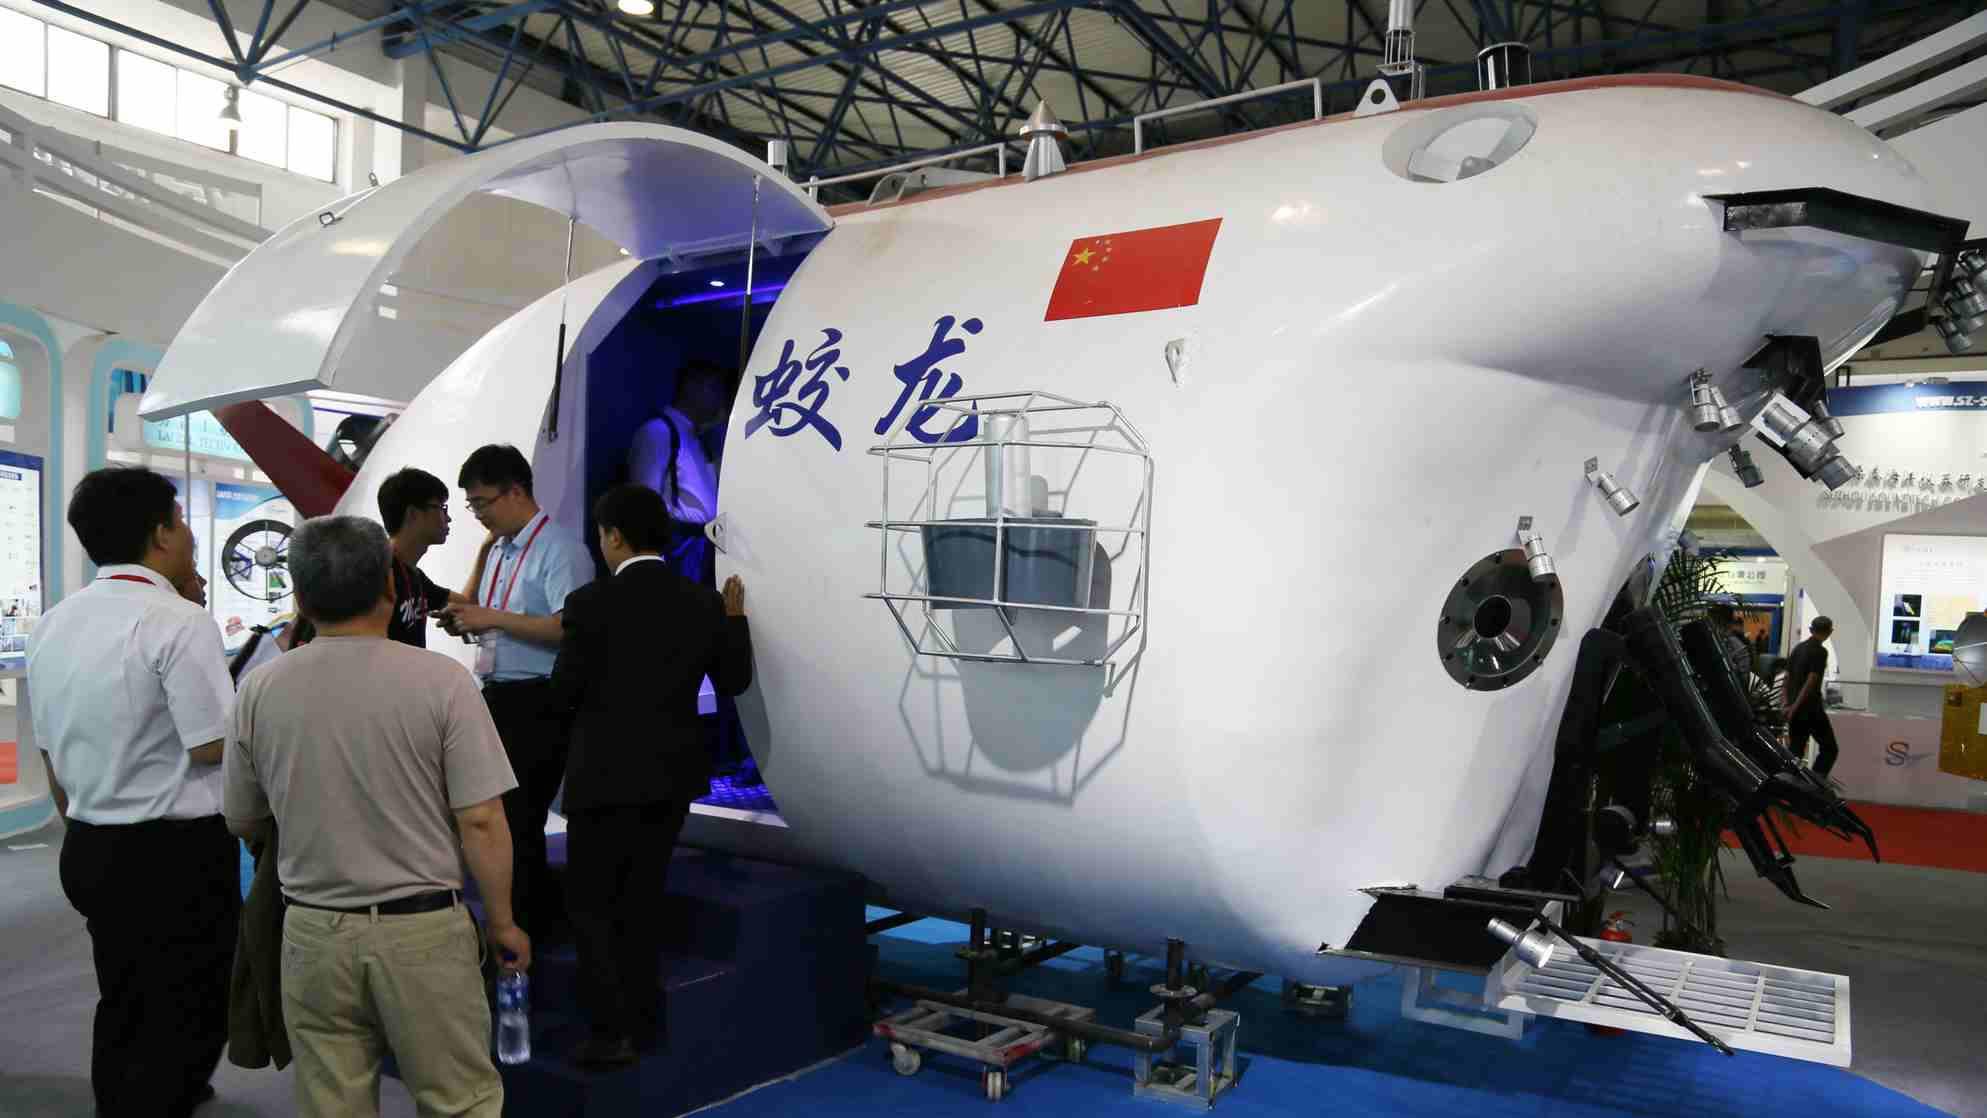 Jialong wahana kapal selam mini untuk riset bawah laut/ Xinhua